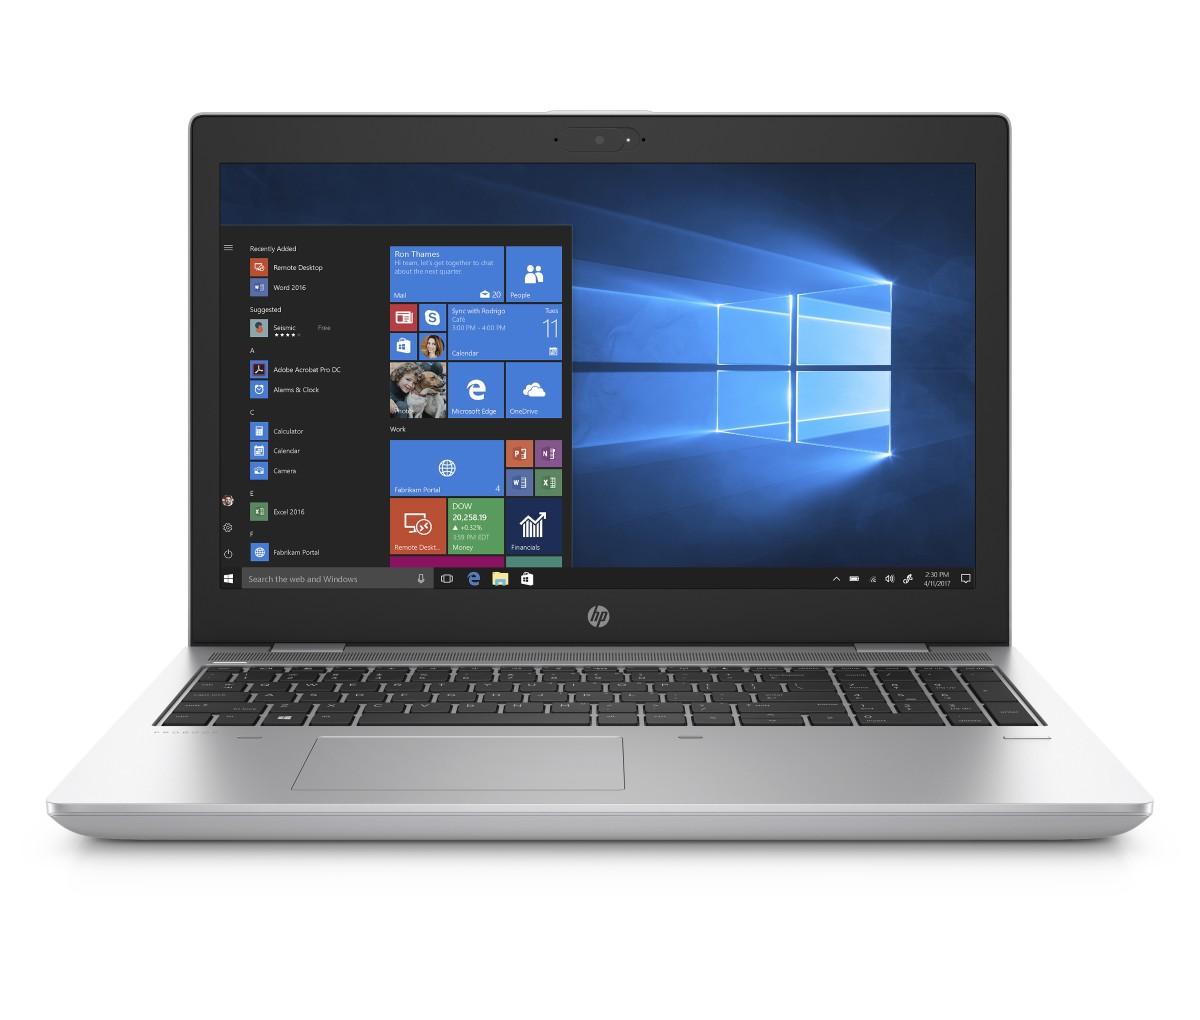 HP ProBook 650 G4 FHD i7-8550U/8/512GB/DVD/VGA/DP/SP/RJ45/WIFI/BT/MCR/FPR/1RServis/W10P